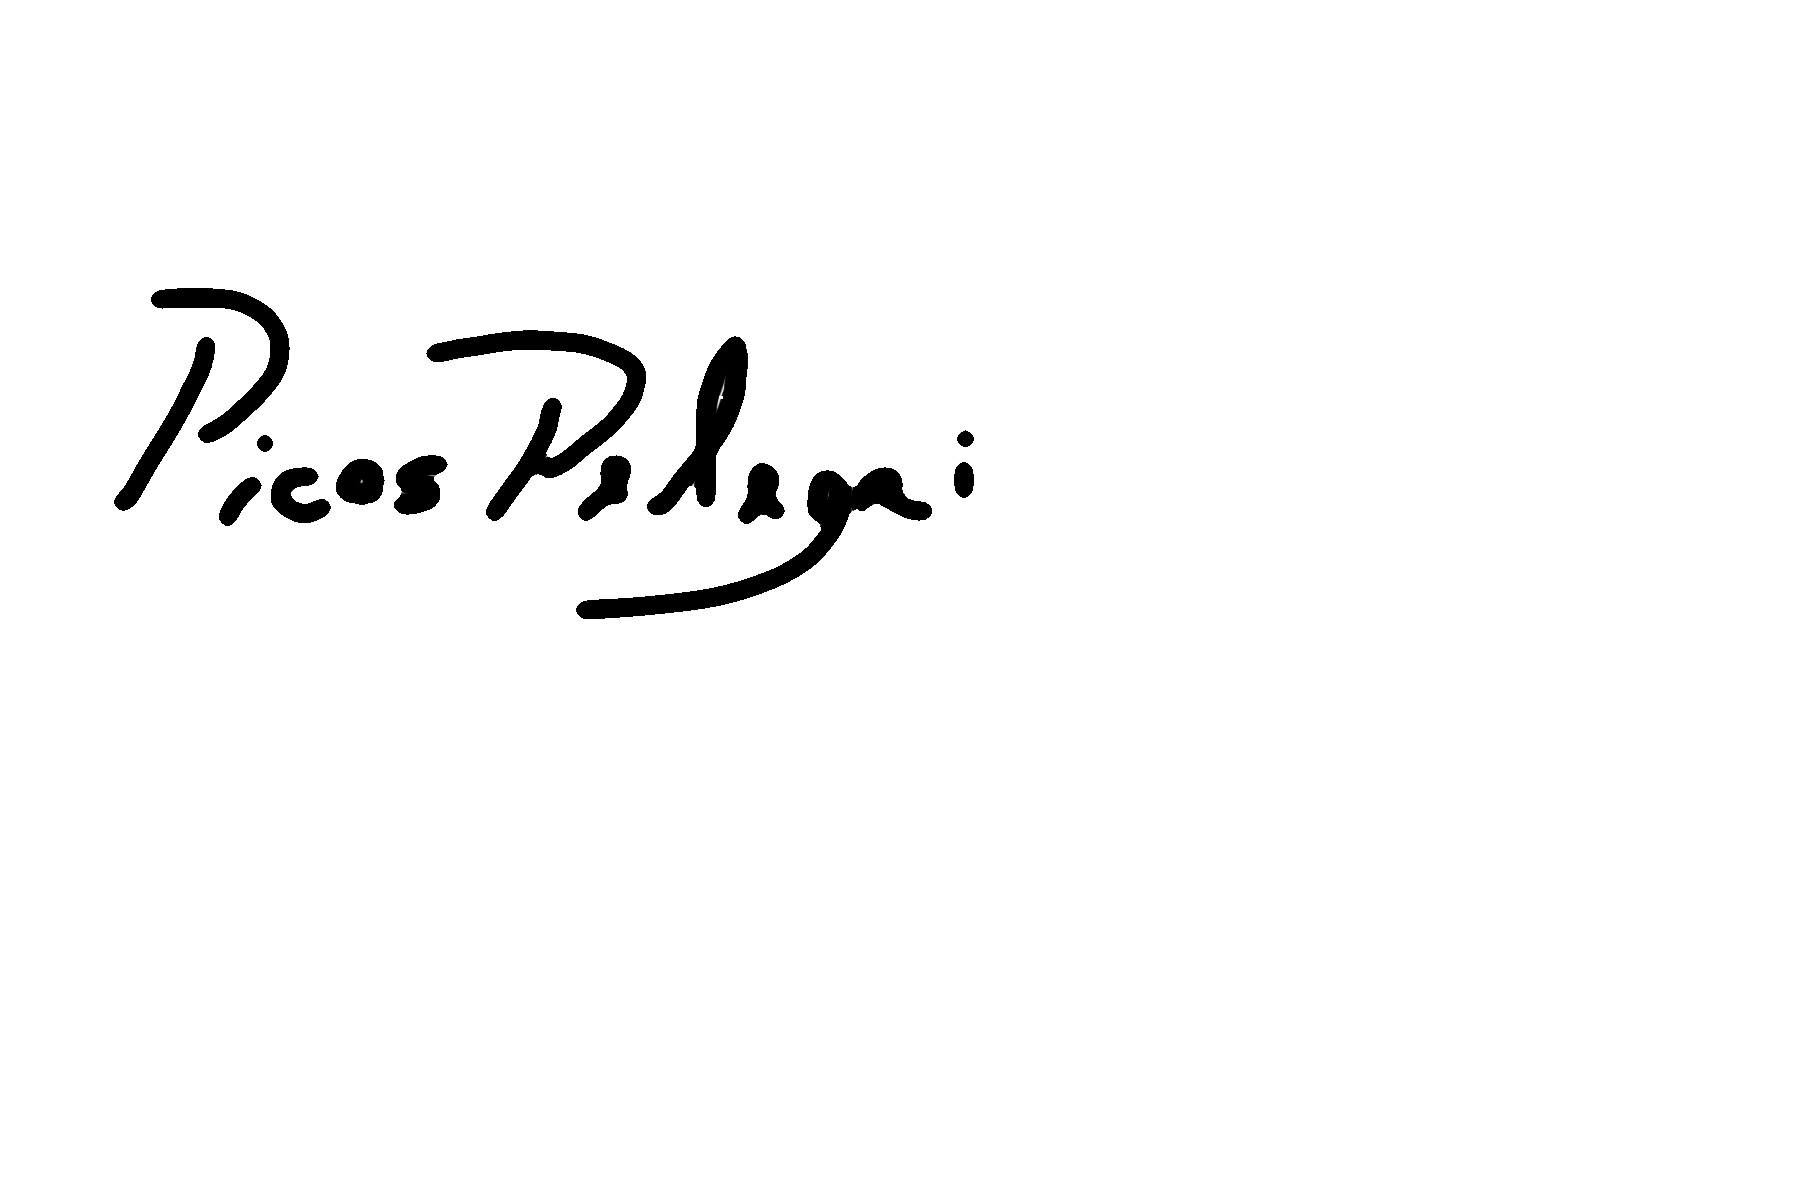 MARIANO PICOS Signature